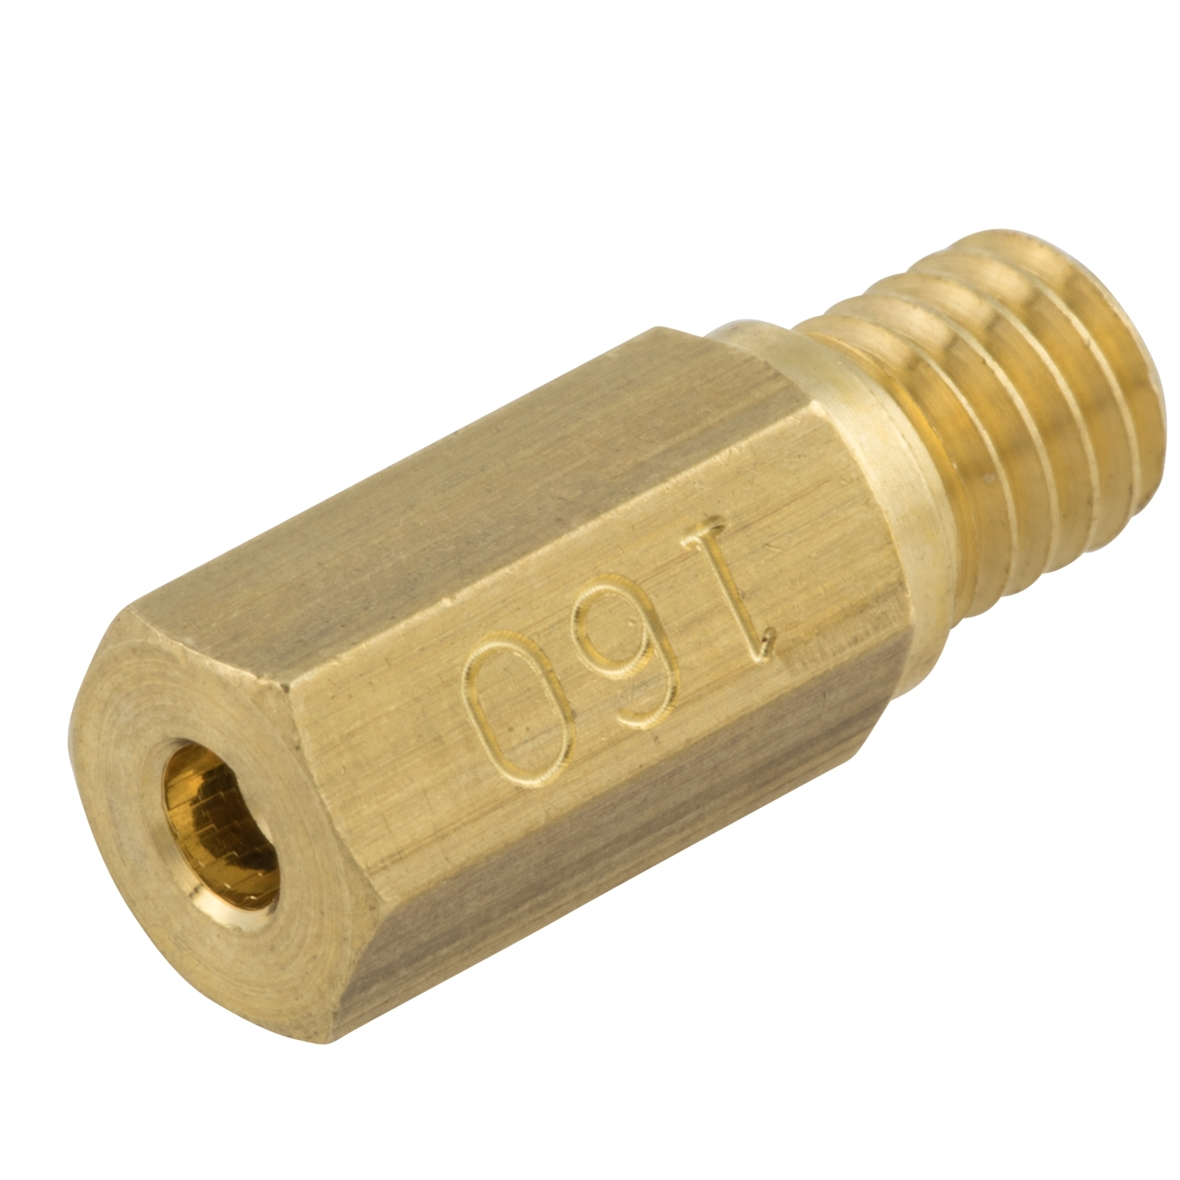 「ノズル KMT 160 Ø 6 mmTitle」の製品画像